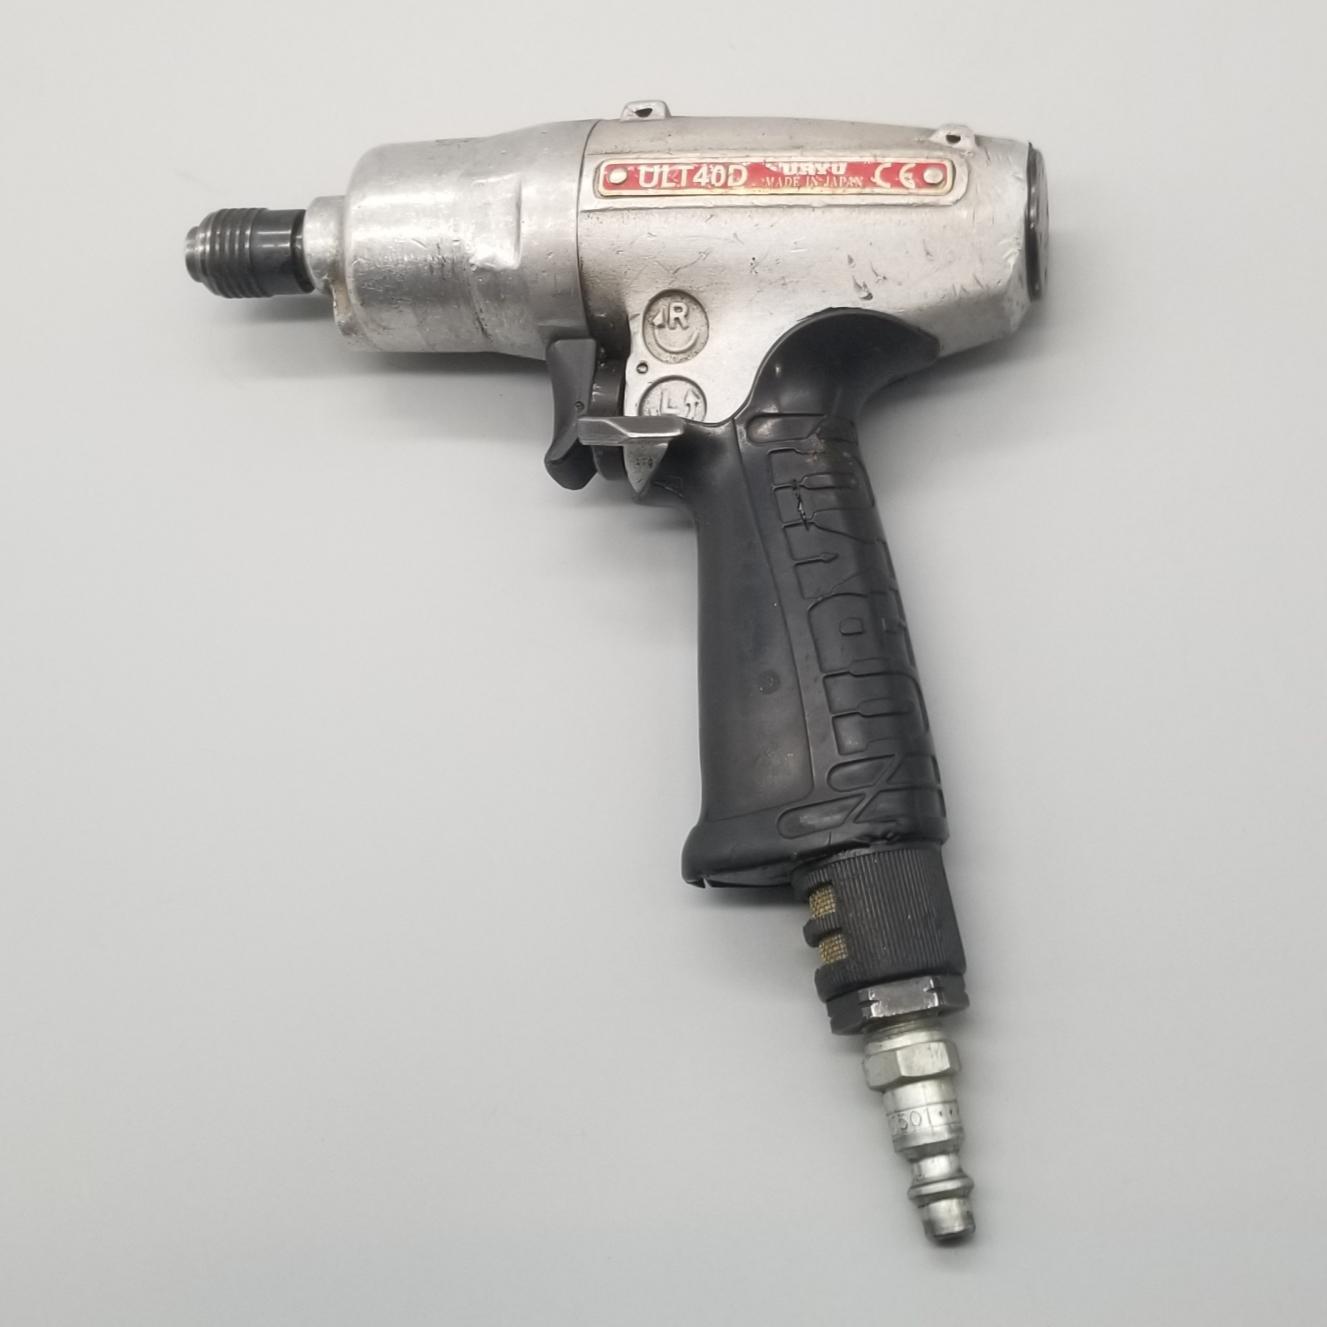 Uryu ULT40D Pistol Grip Nutrunner Torque Gun 1/4″ Inline Pulse Air Tool